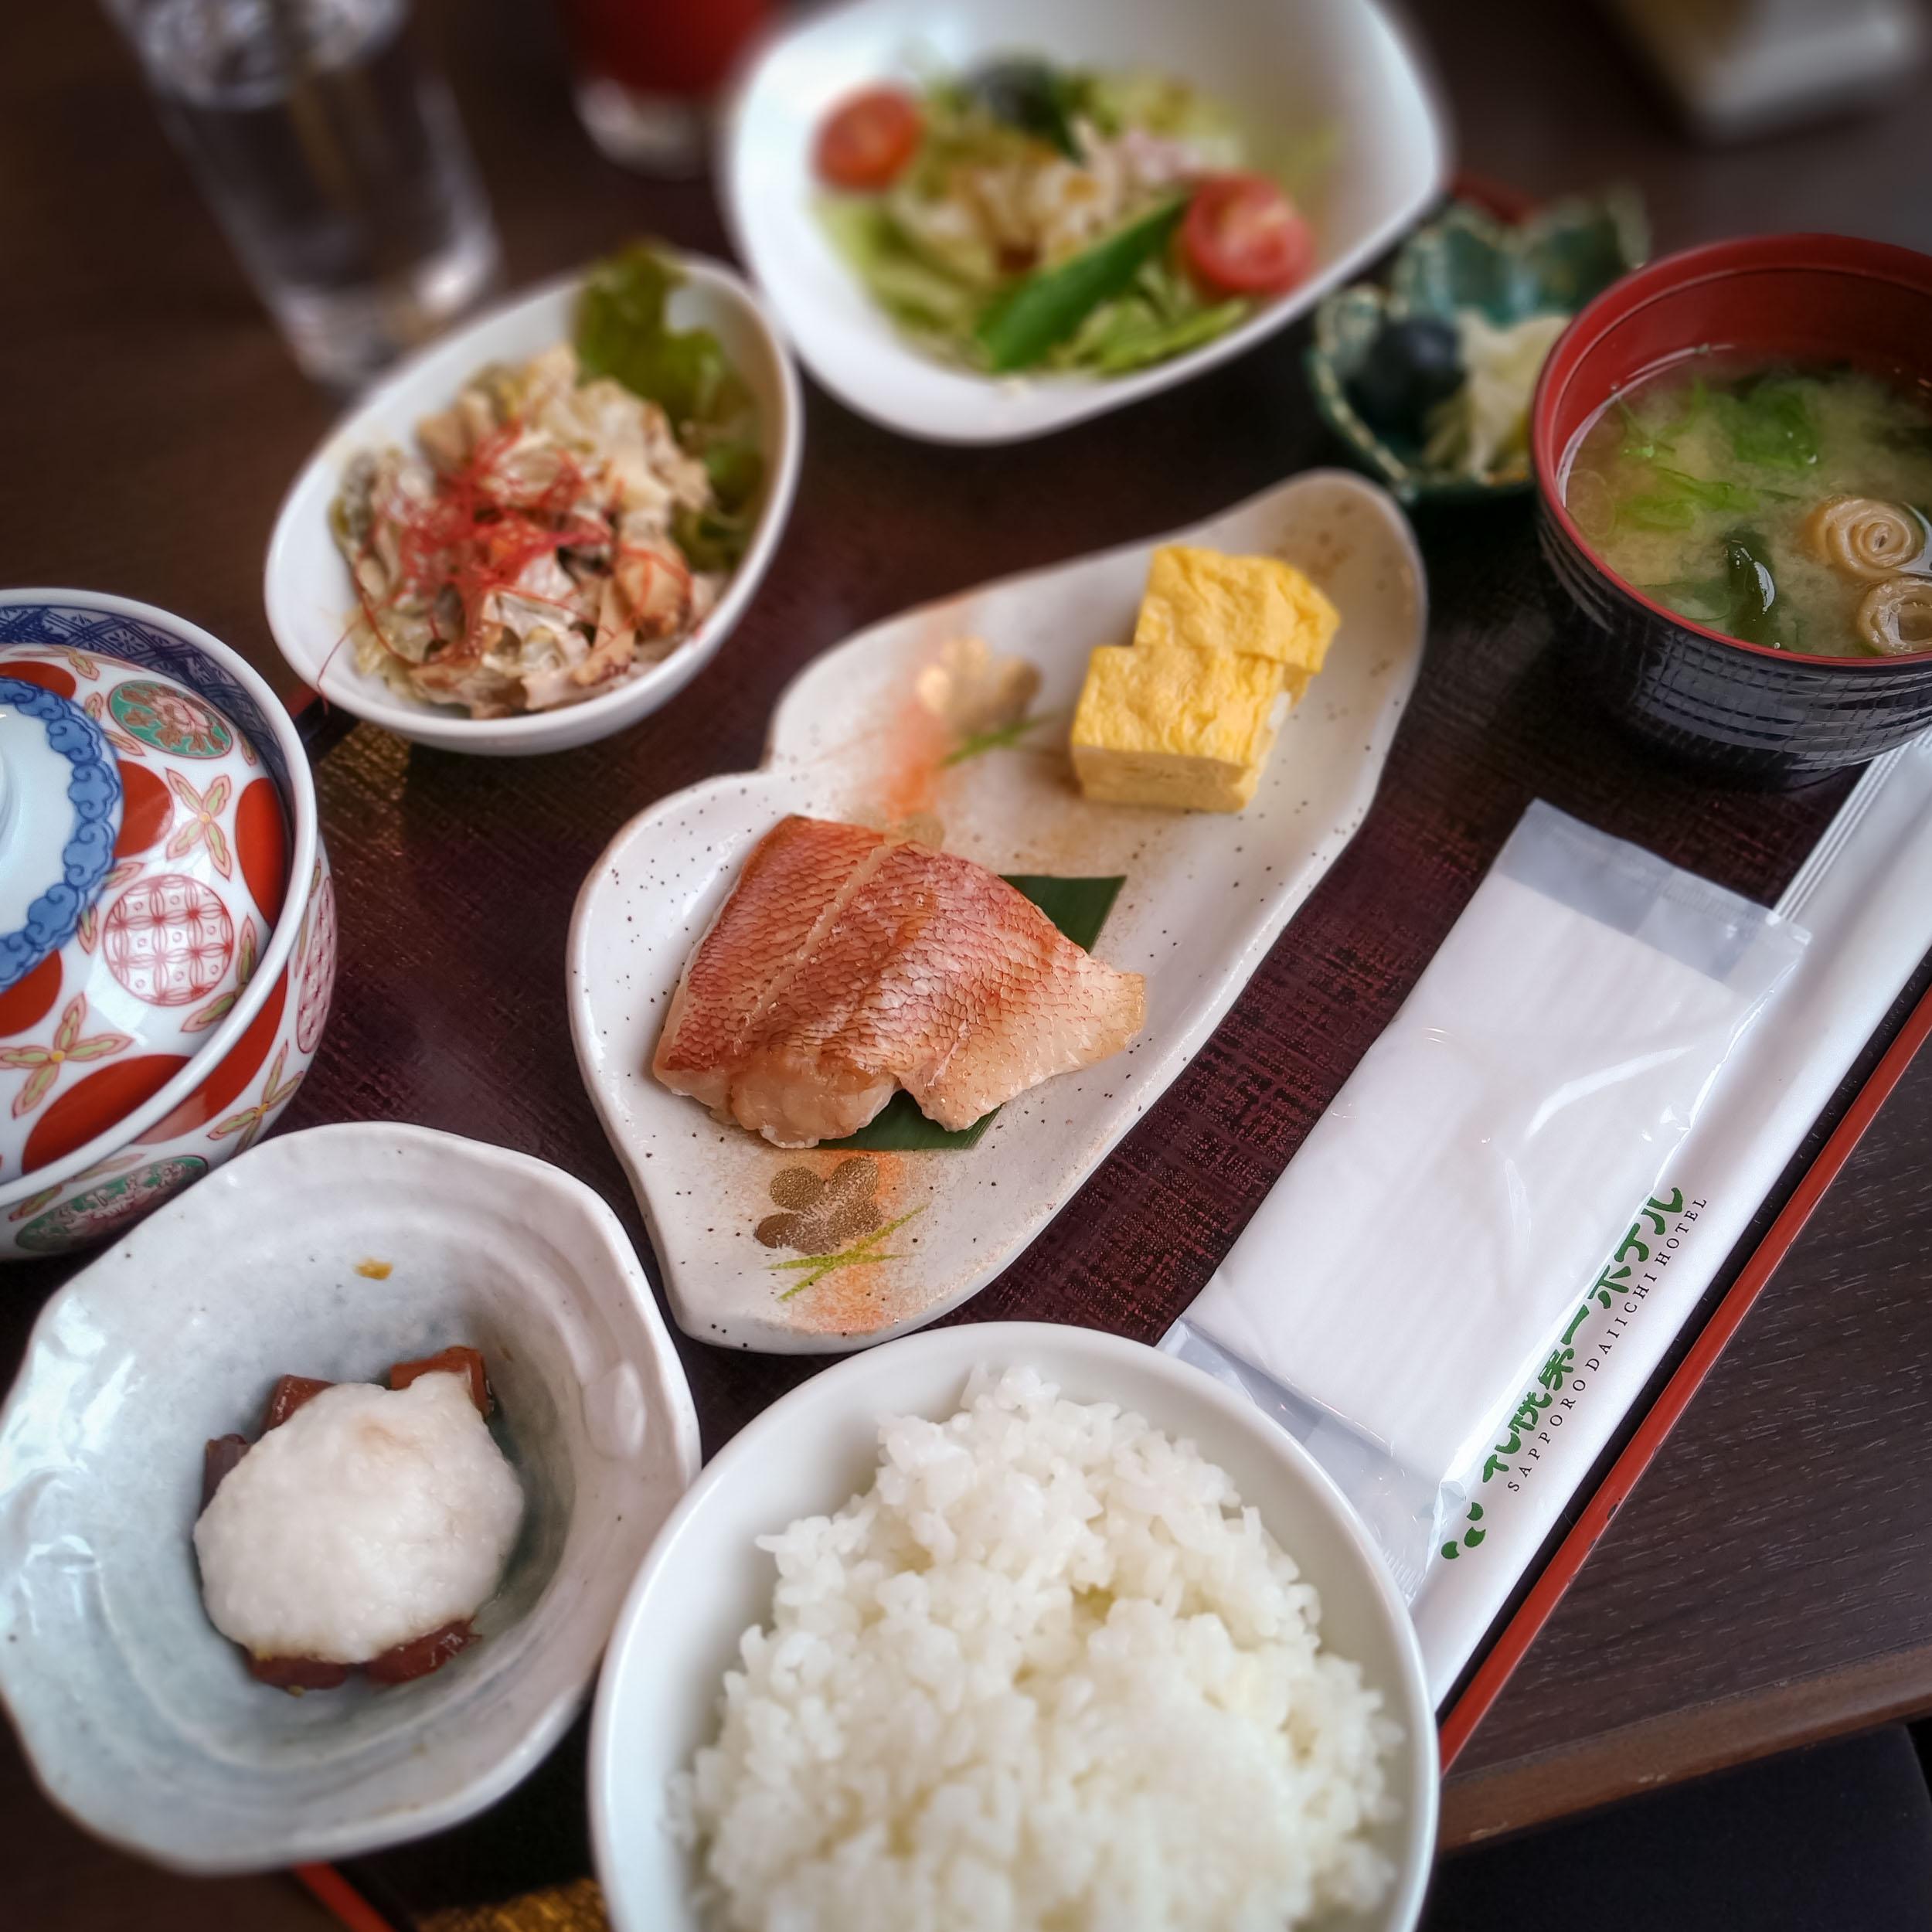 札幌第一ホテル一日目の朝食の全容 DMC-GX8 + LEICA DG 12-60mm